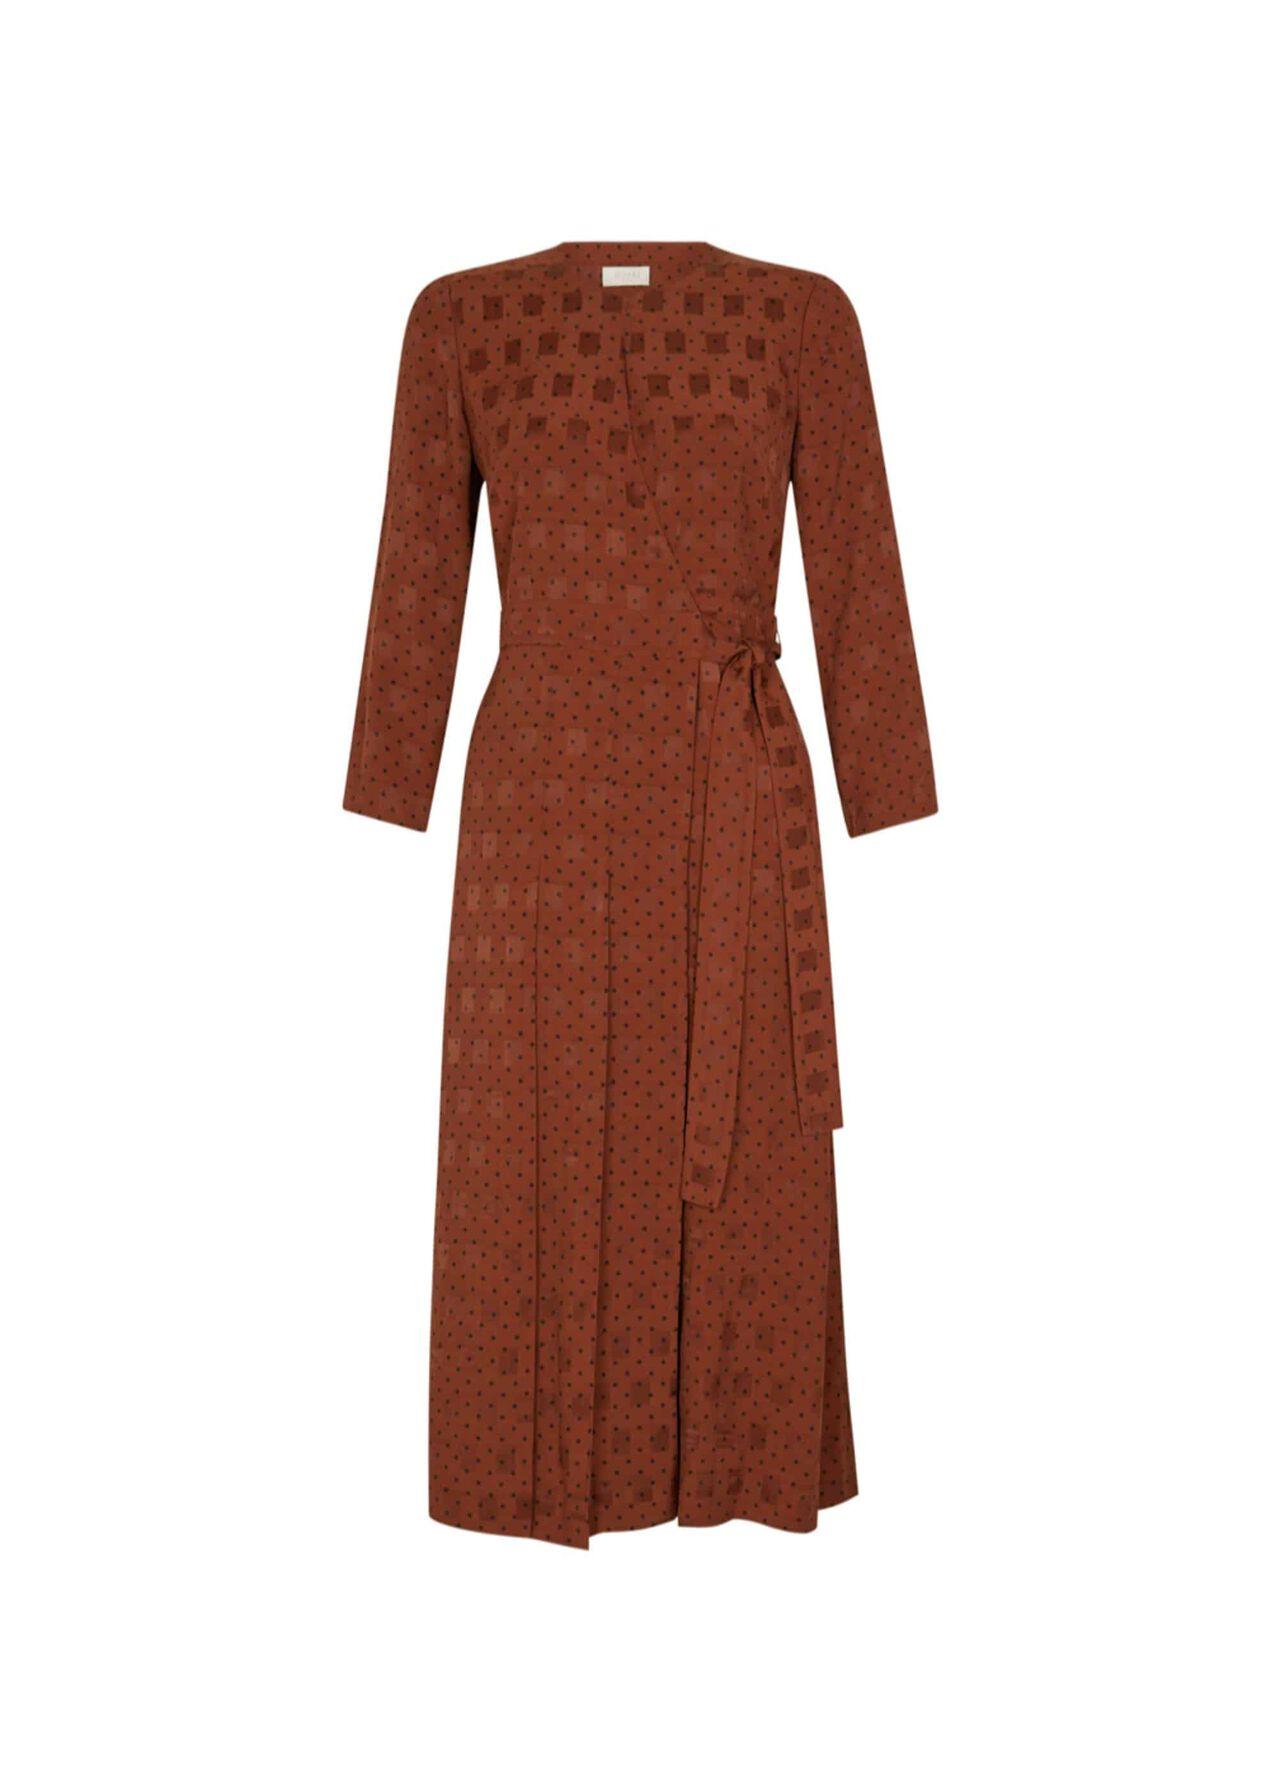 Hazel Dress Caramel